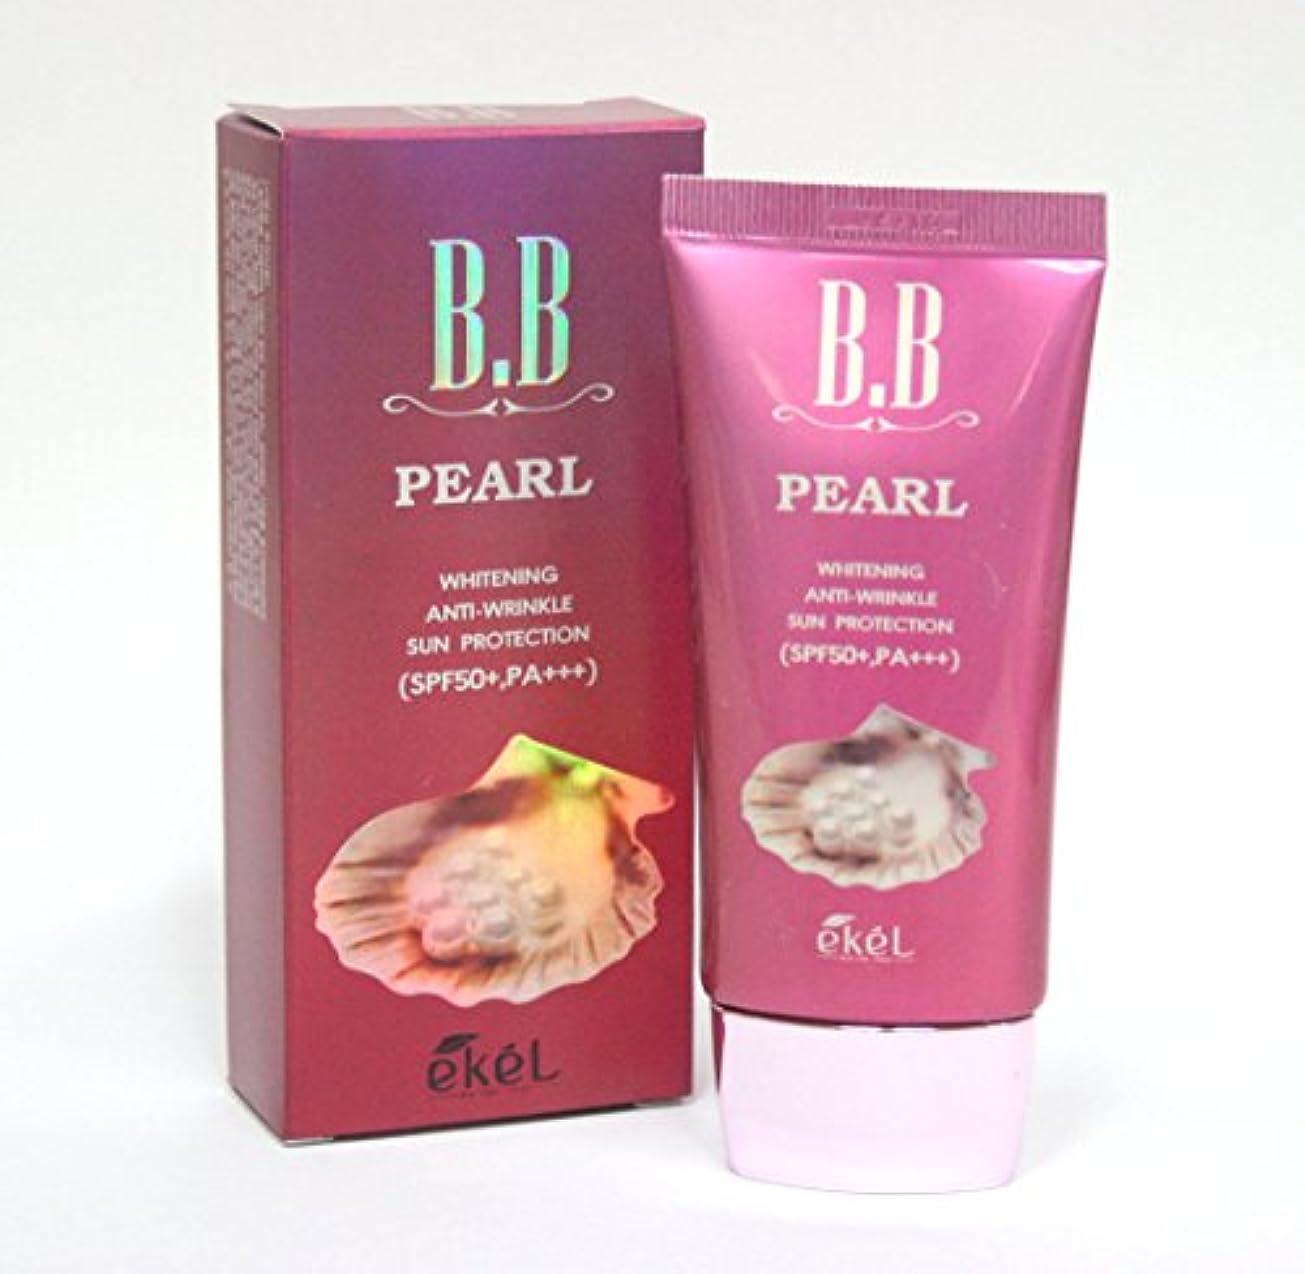 雄弁家ボトル平日[Ekel] パールBBクリーム50ml / Pearl BB Cream 50ml / ホワイトニング、アンチリンクル、日焼け防止SPF50 + PA +++ / Whitening, Anti-wrinkle, Sun...